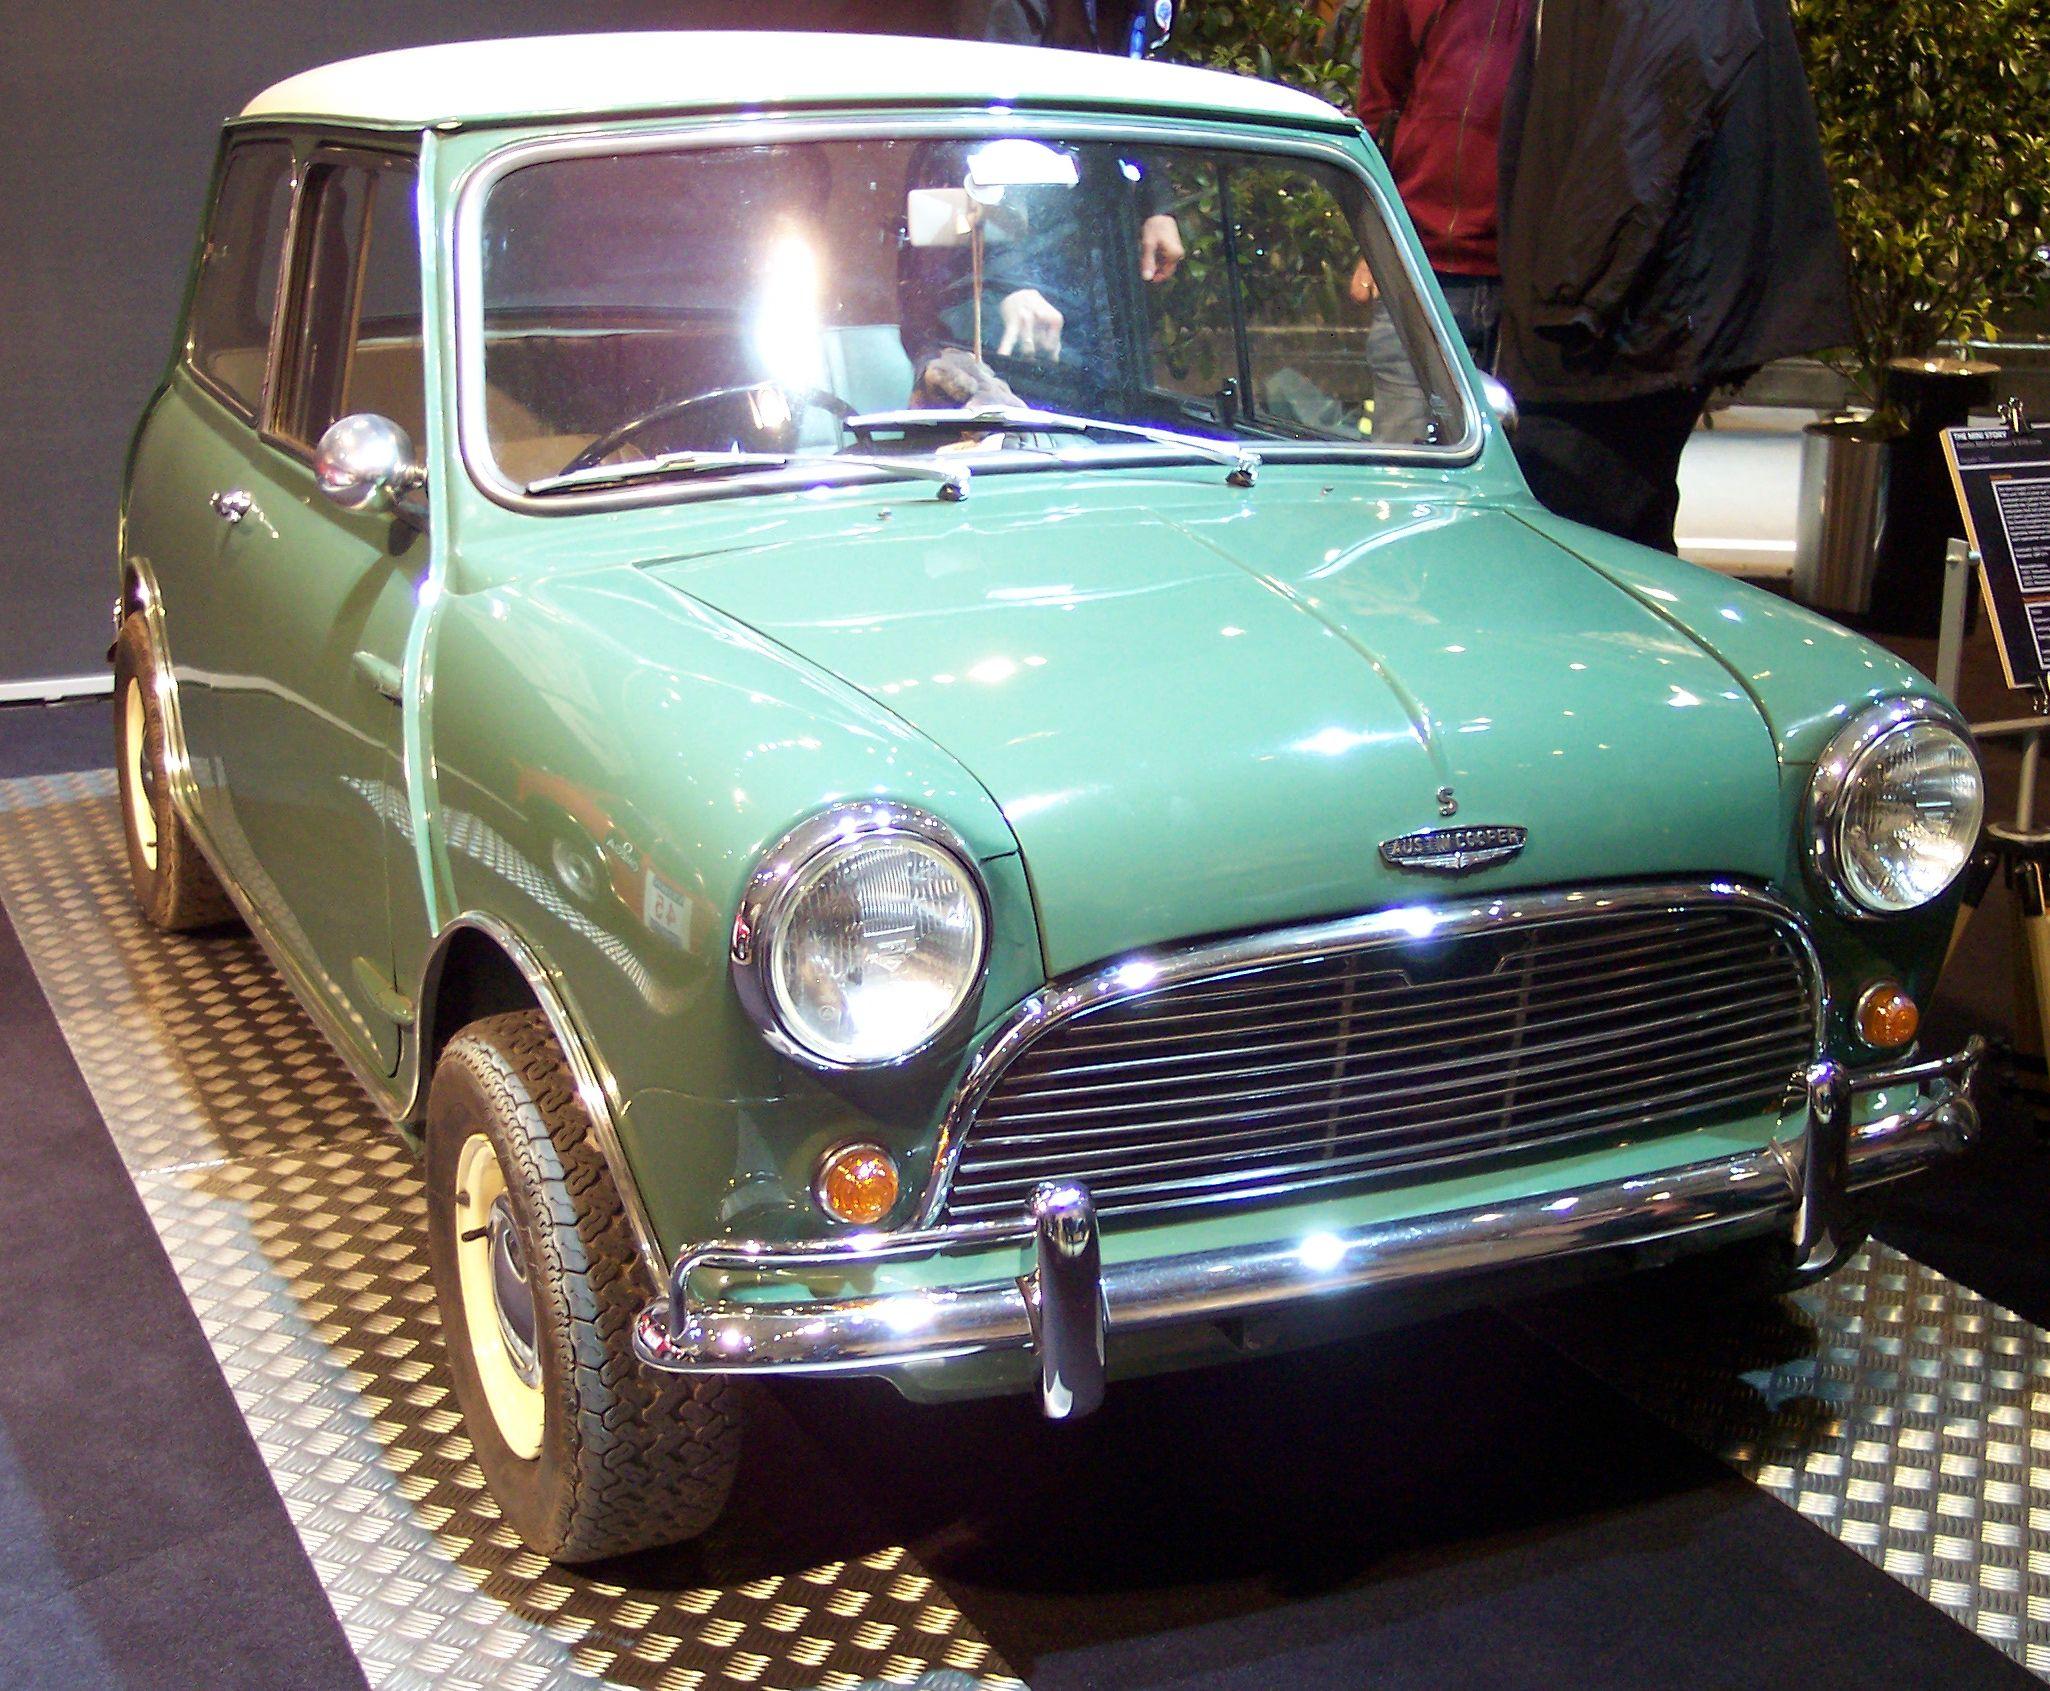 Green Austin Mini on Wikipedia